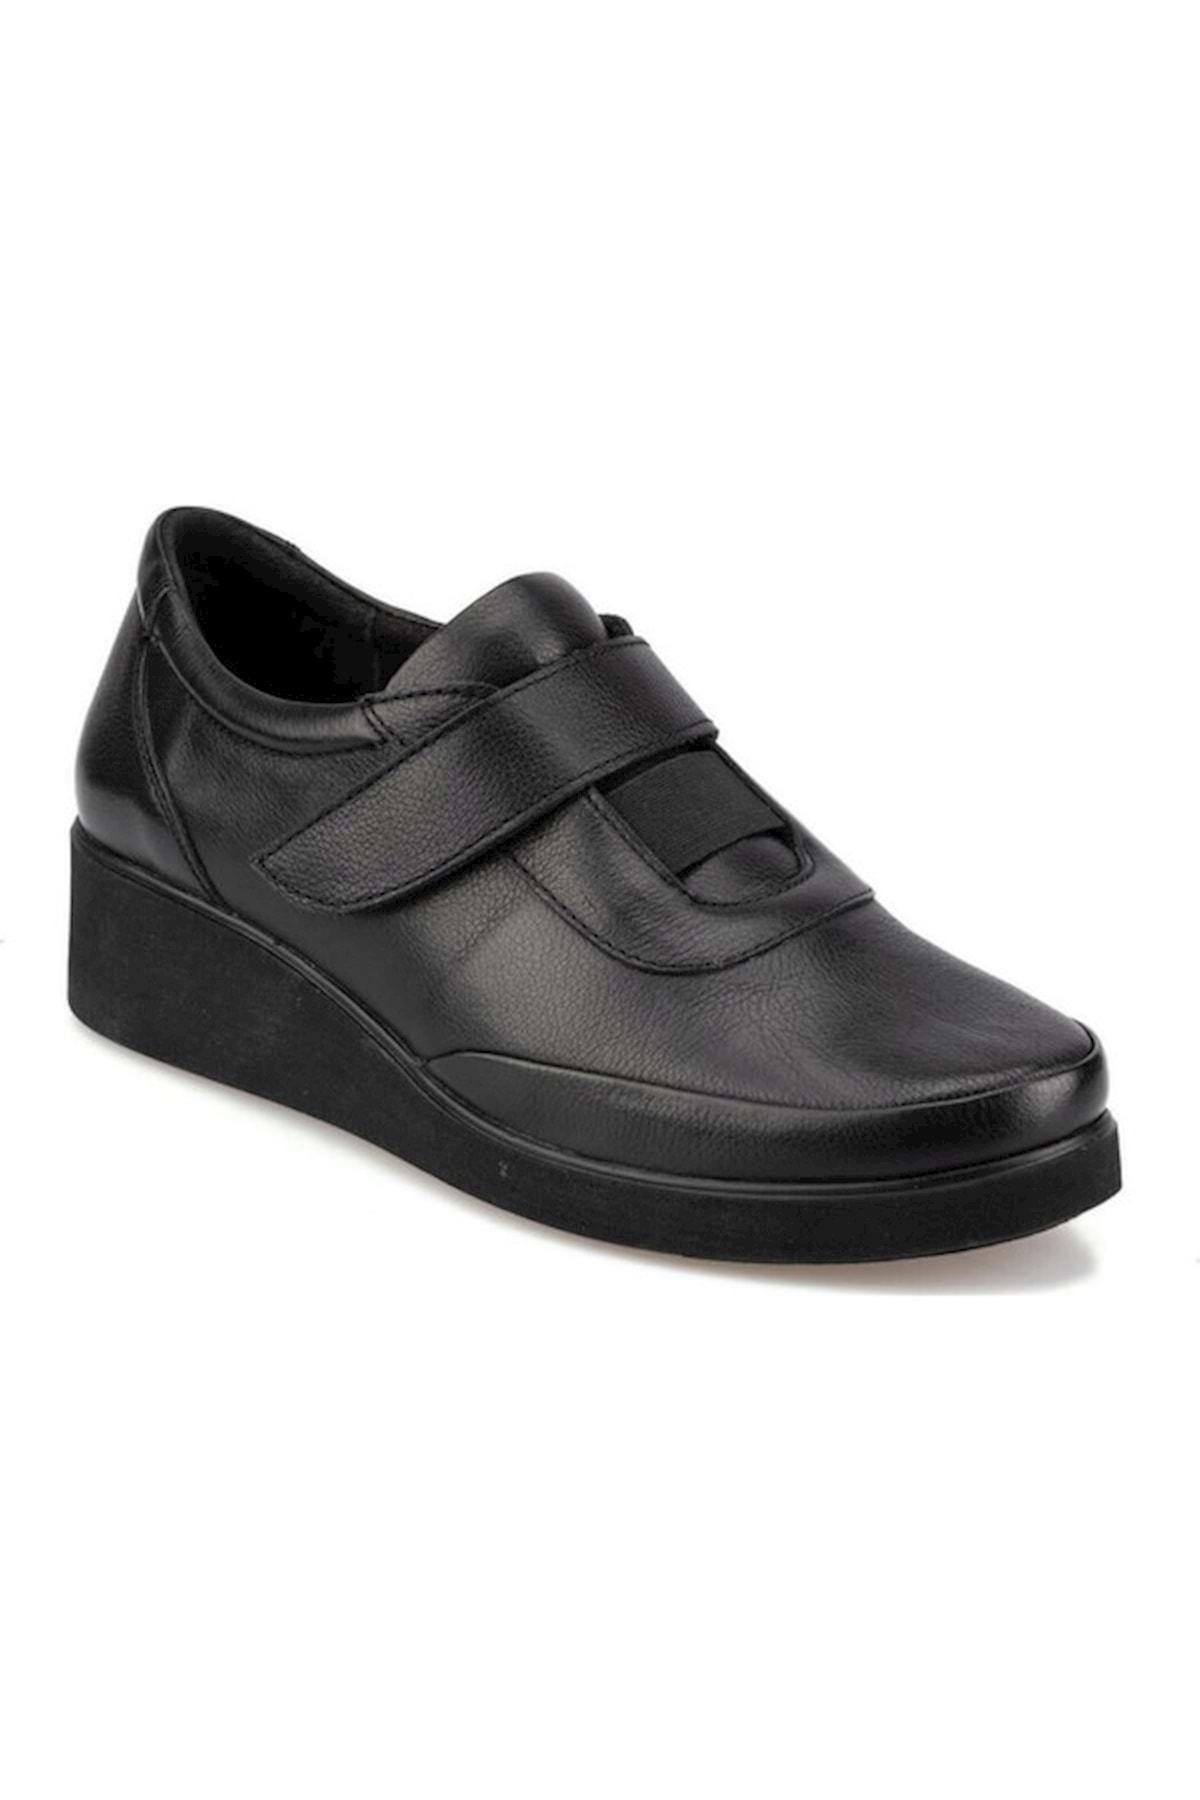 Polaris Kadın Siyah Deri Ortopedik Ayakkabı